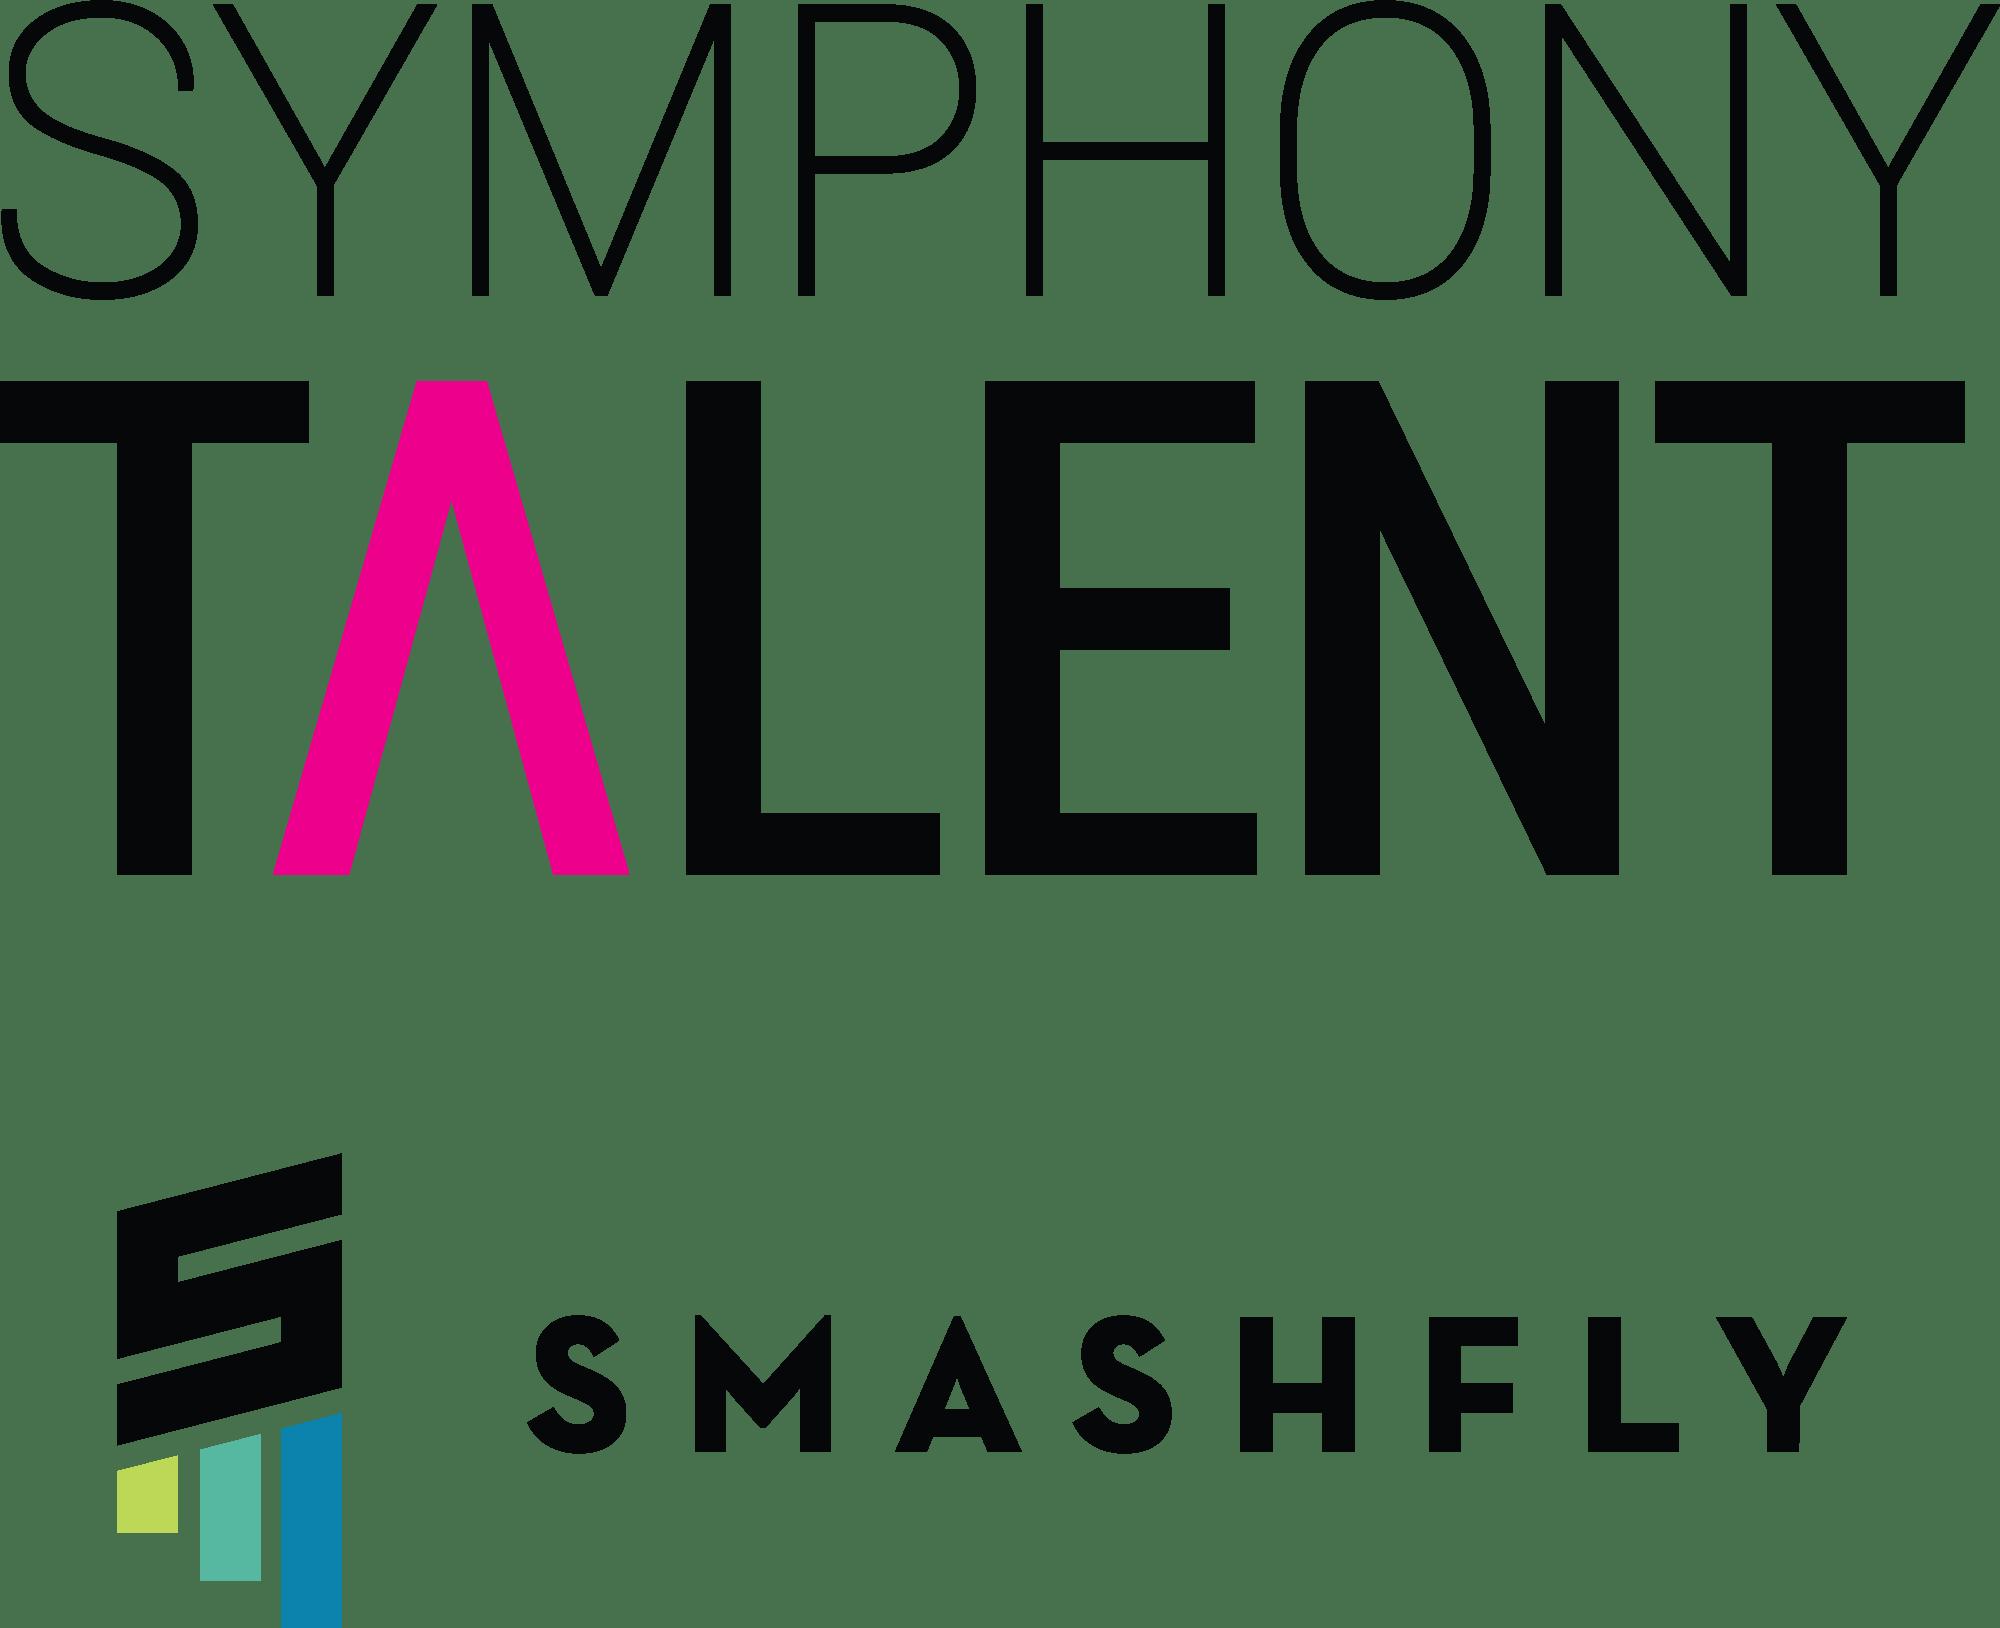 SymphonyTalent + SmashFly